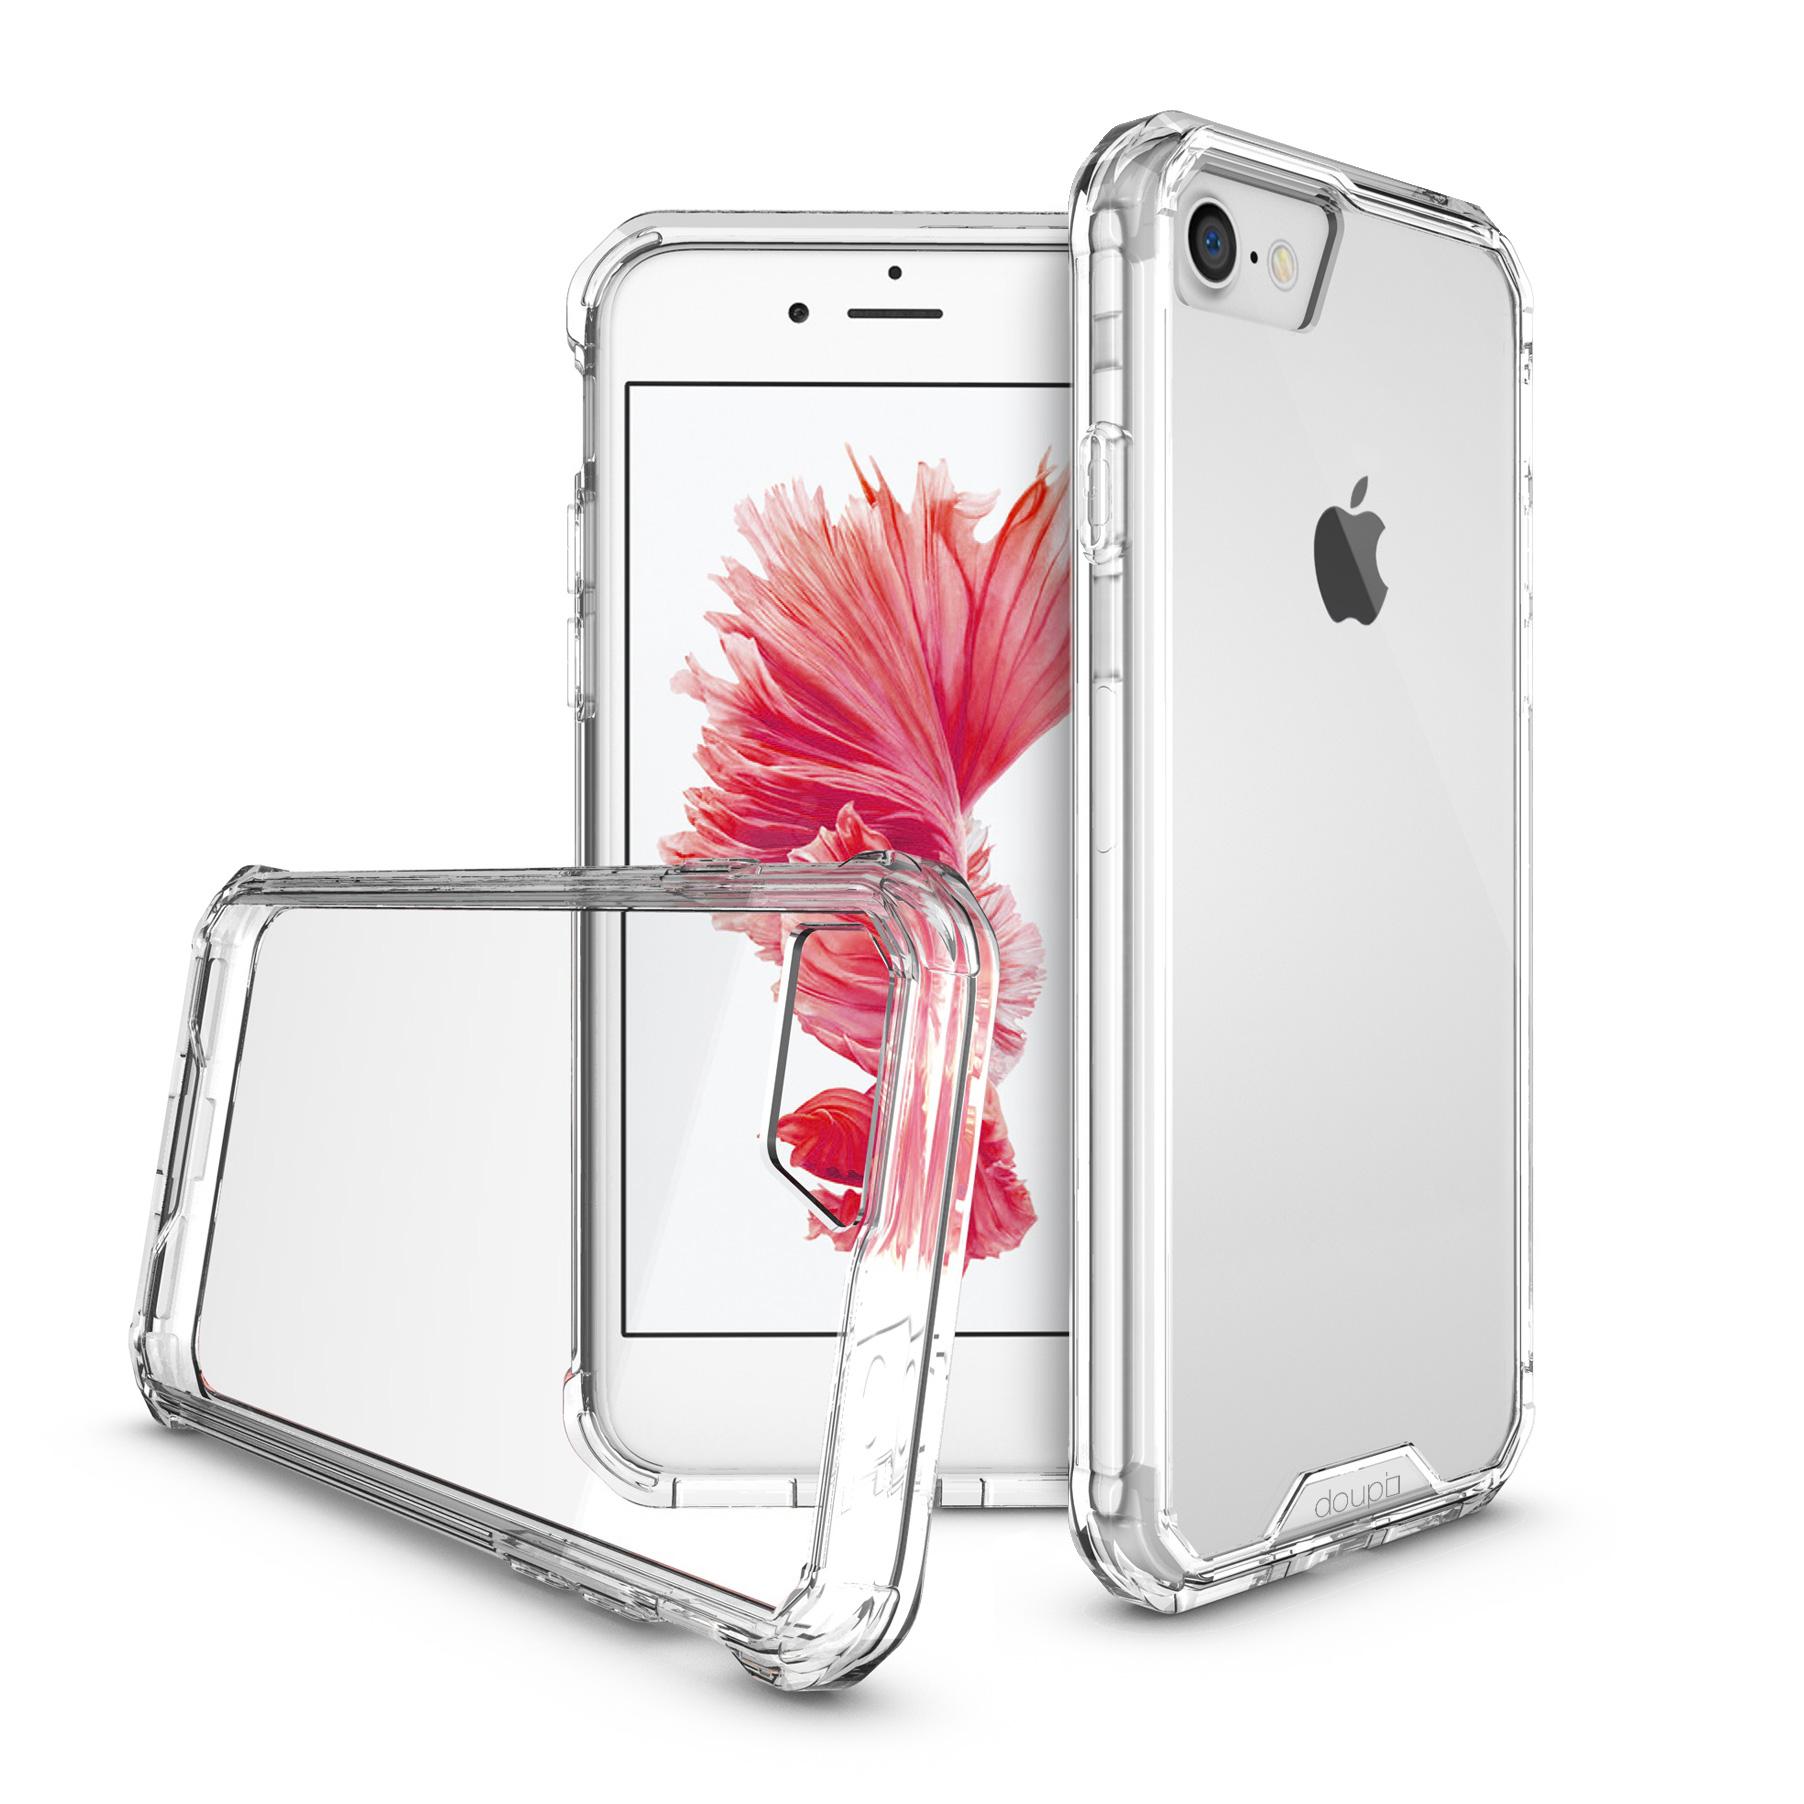 AirClear-Case-iPhone-8-7-4-7-034-Rueckschale-Bumper-Rahmen-Schutz-Huelle-Folie Indexbild 21